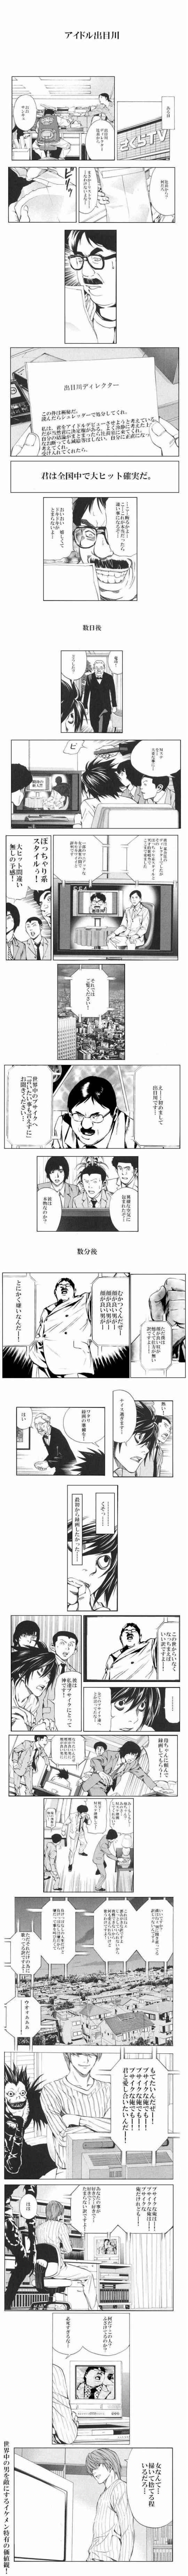 漫画:デスノート -アイドル出目川- [おもしろ]